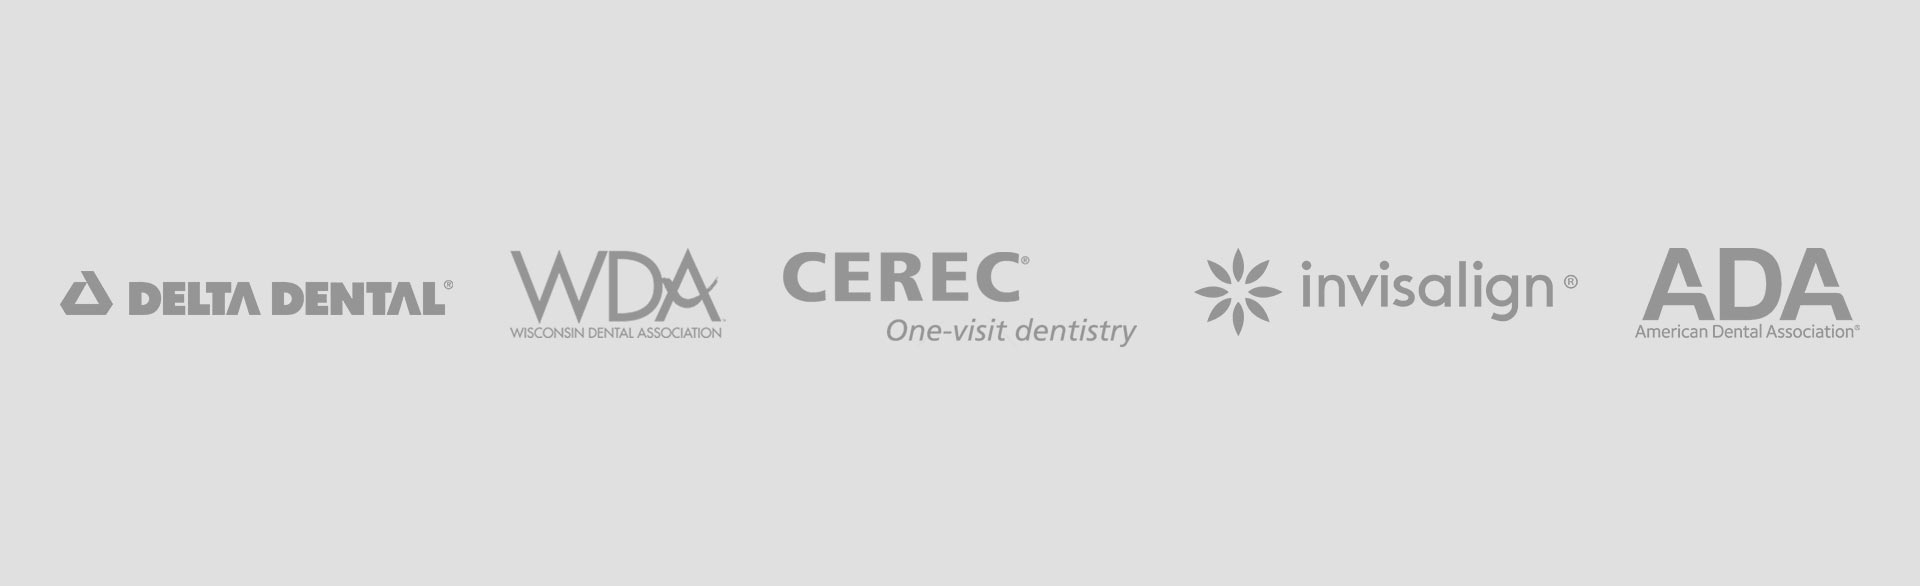 Delta Dental, Wisconsin Dental Association, CEREC One-visit Dentistry, Invisalign, American Dental Association